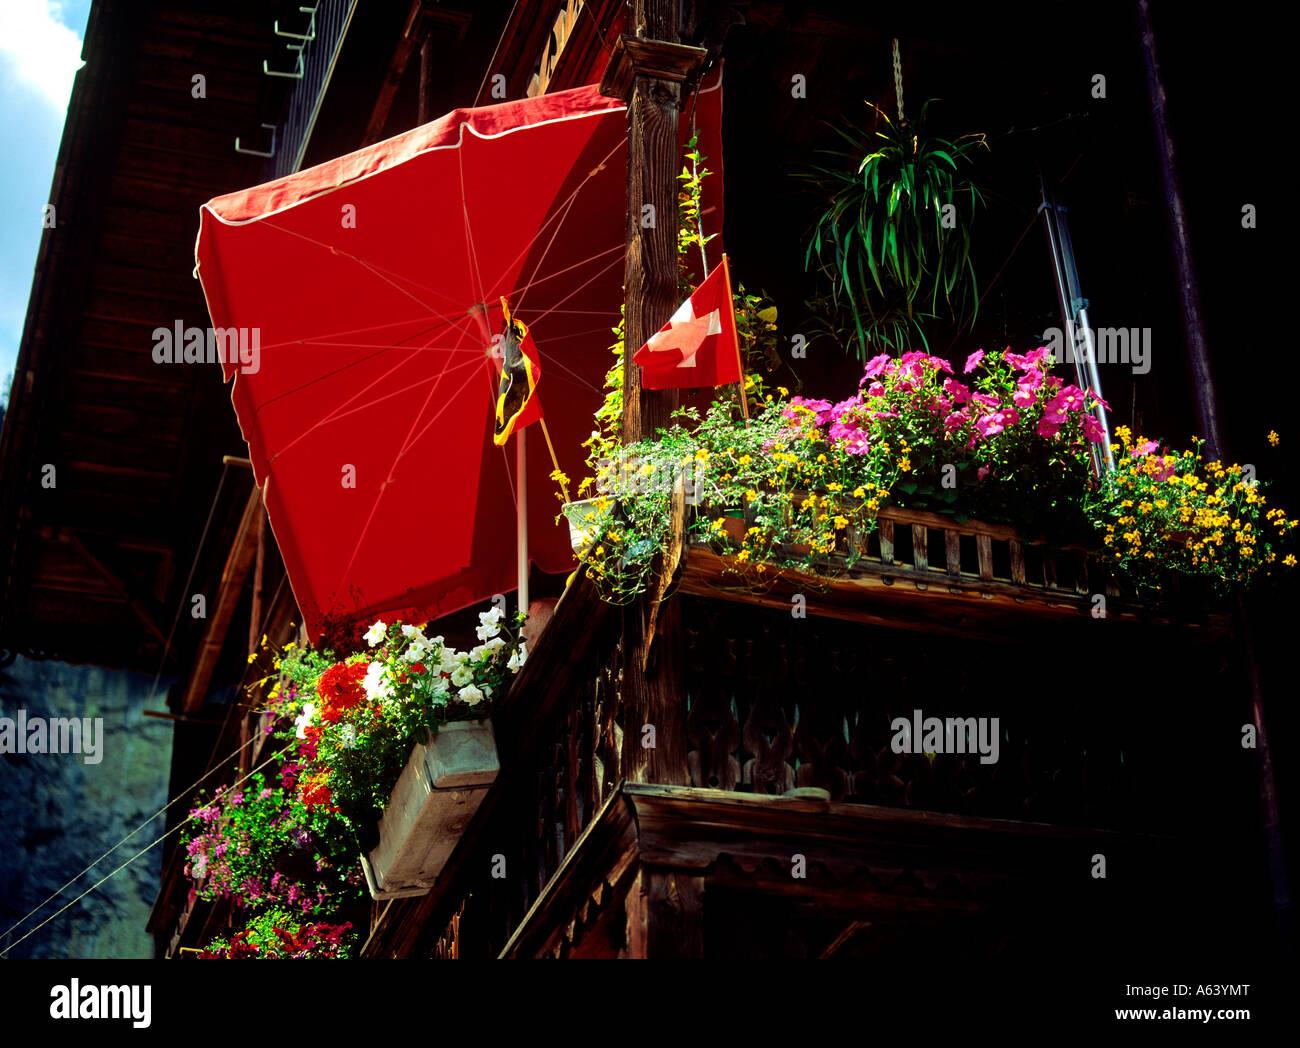 Tradizionale ornato di fiori balcone villaggio di Lauterbrunnen regione di Altopiano bernese swiss alpes svizzera Immagini Stock